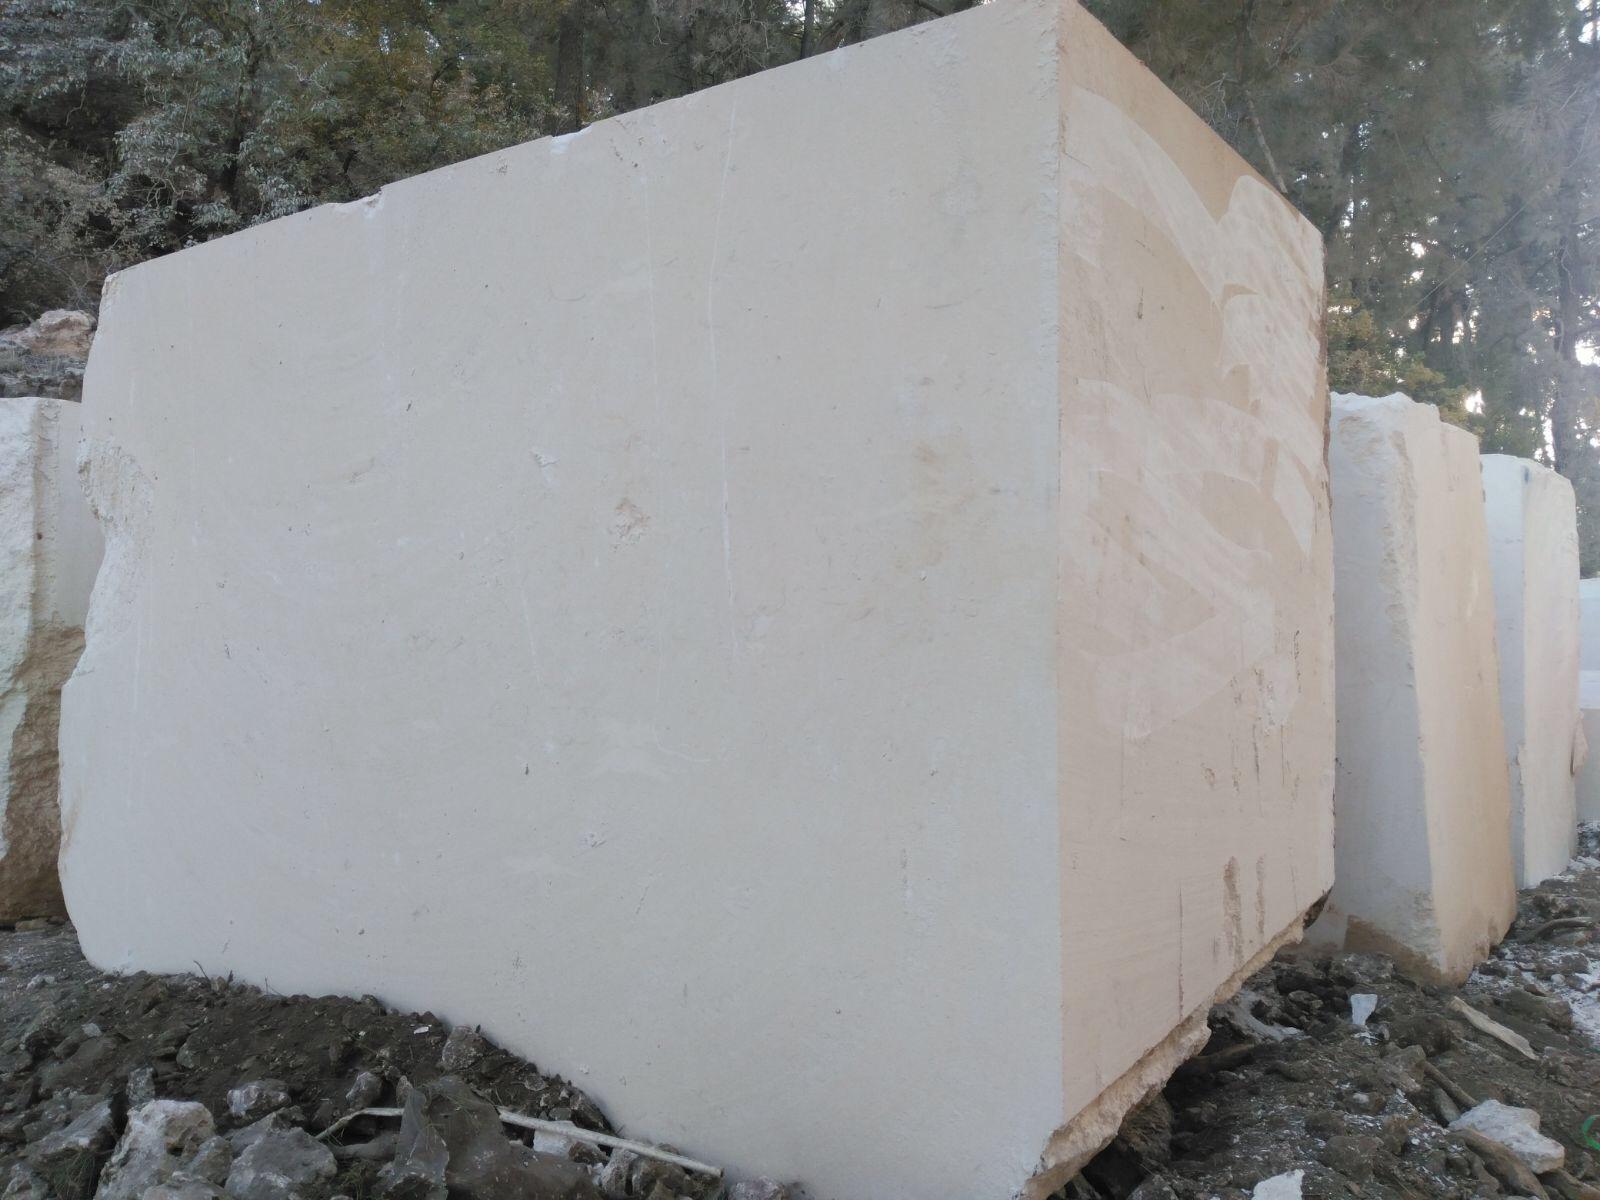 SHELL BEIGE LIMESTONE BLOCK